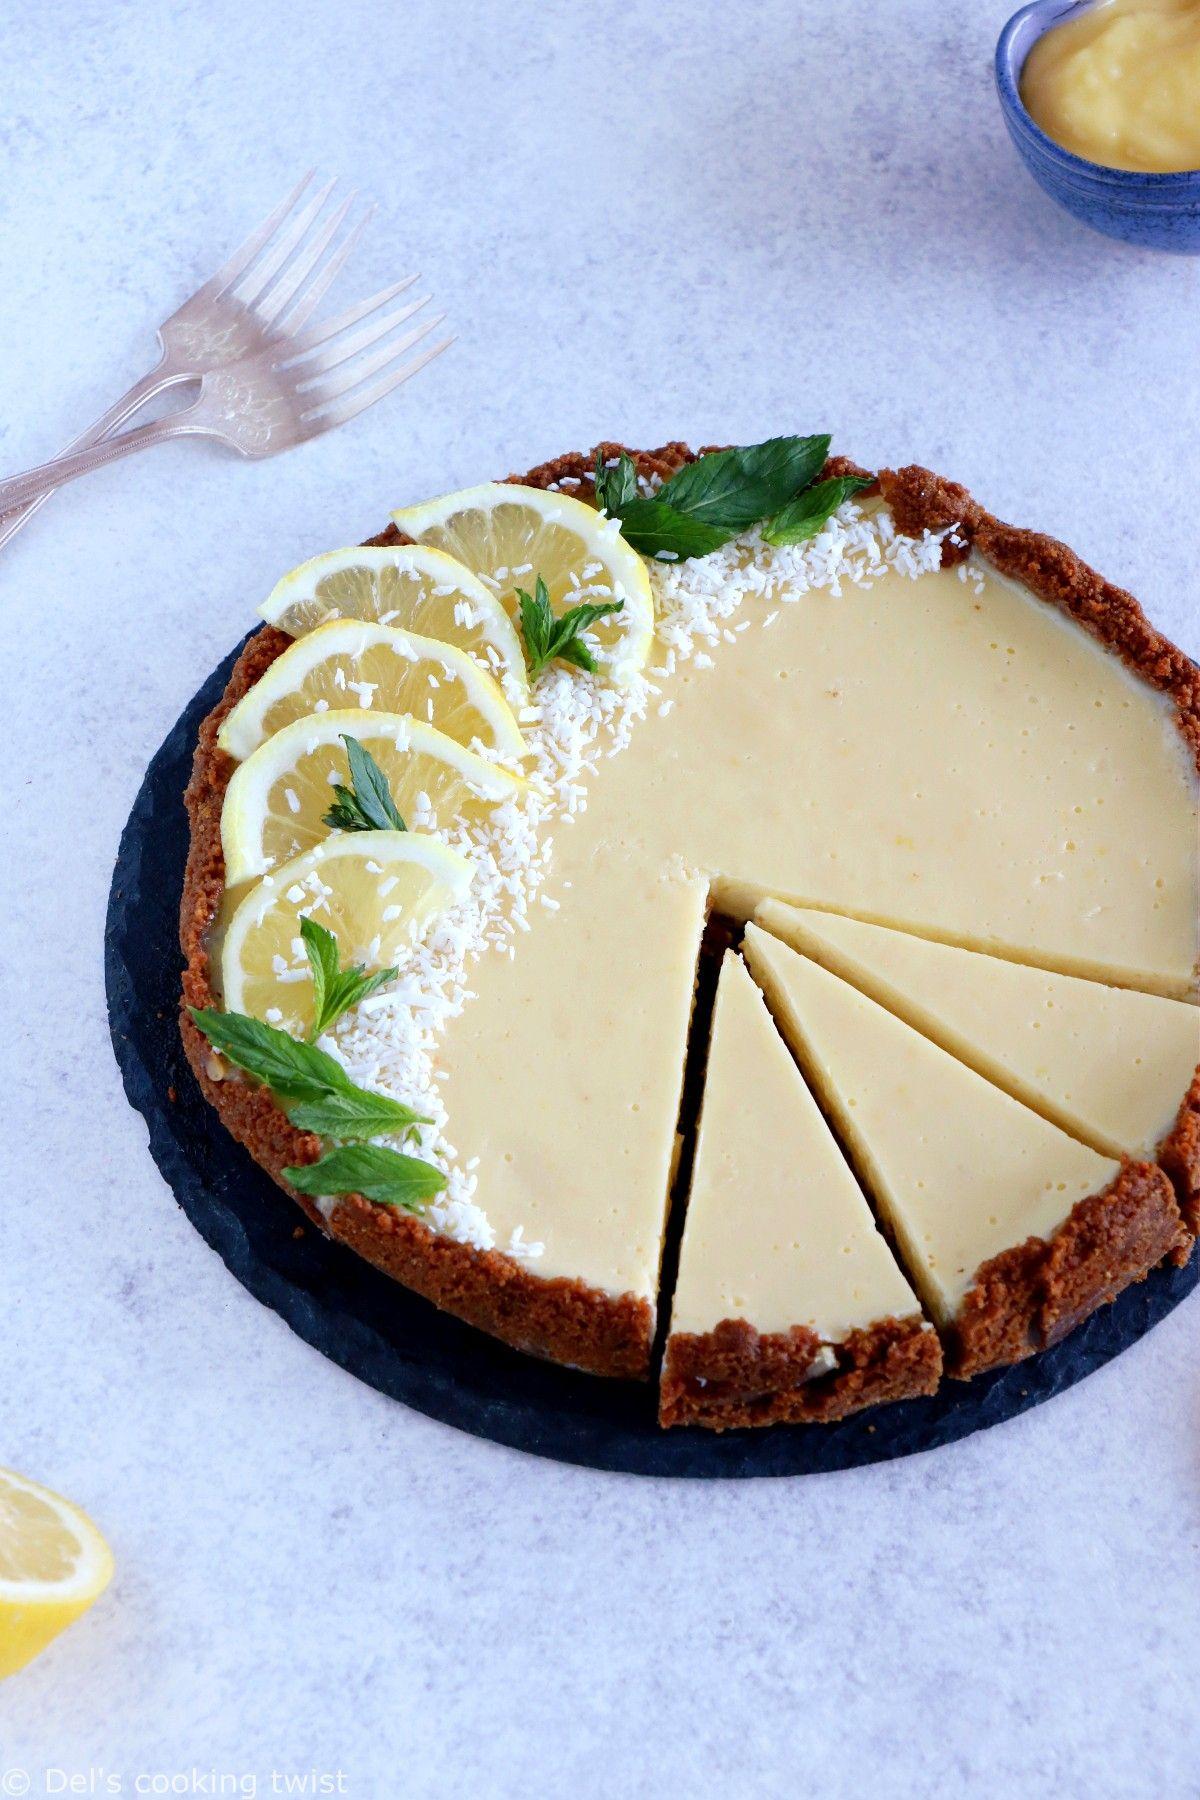 The Fabulous Speculoos Lemon Tart Del S Cooking Twist Recipe Easy Lemon Tart Recipe Lemon Tart Recipe Lemon Tart